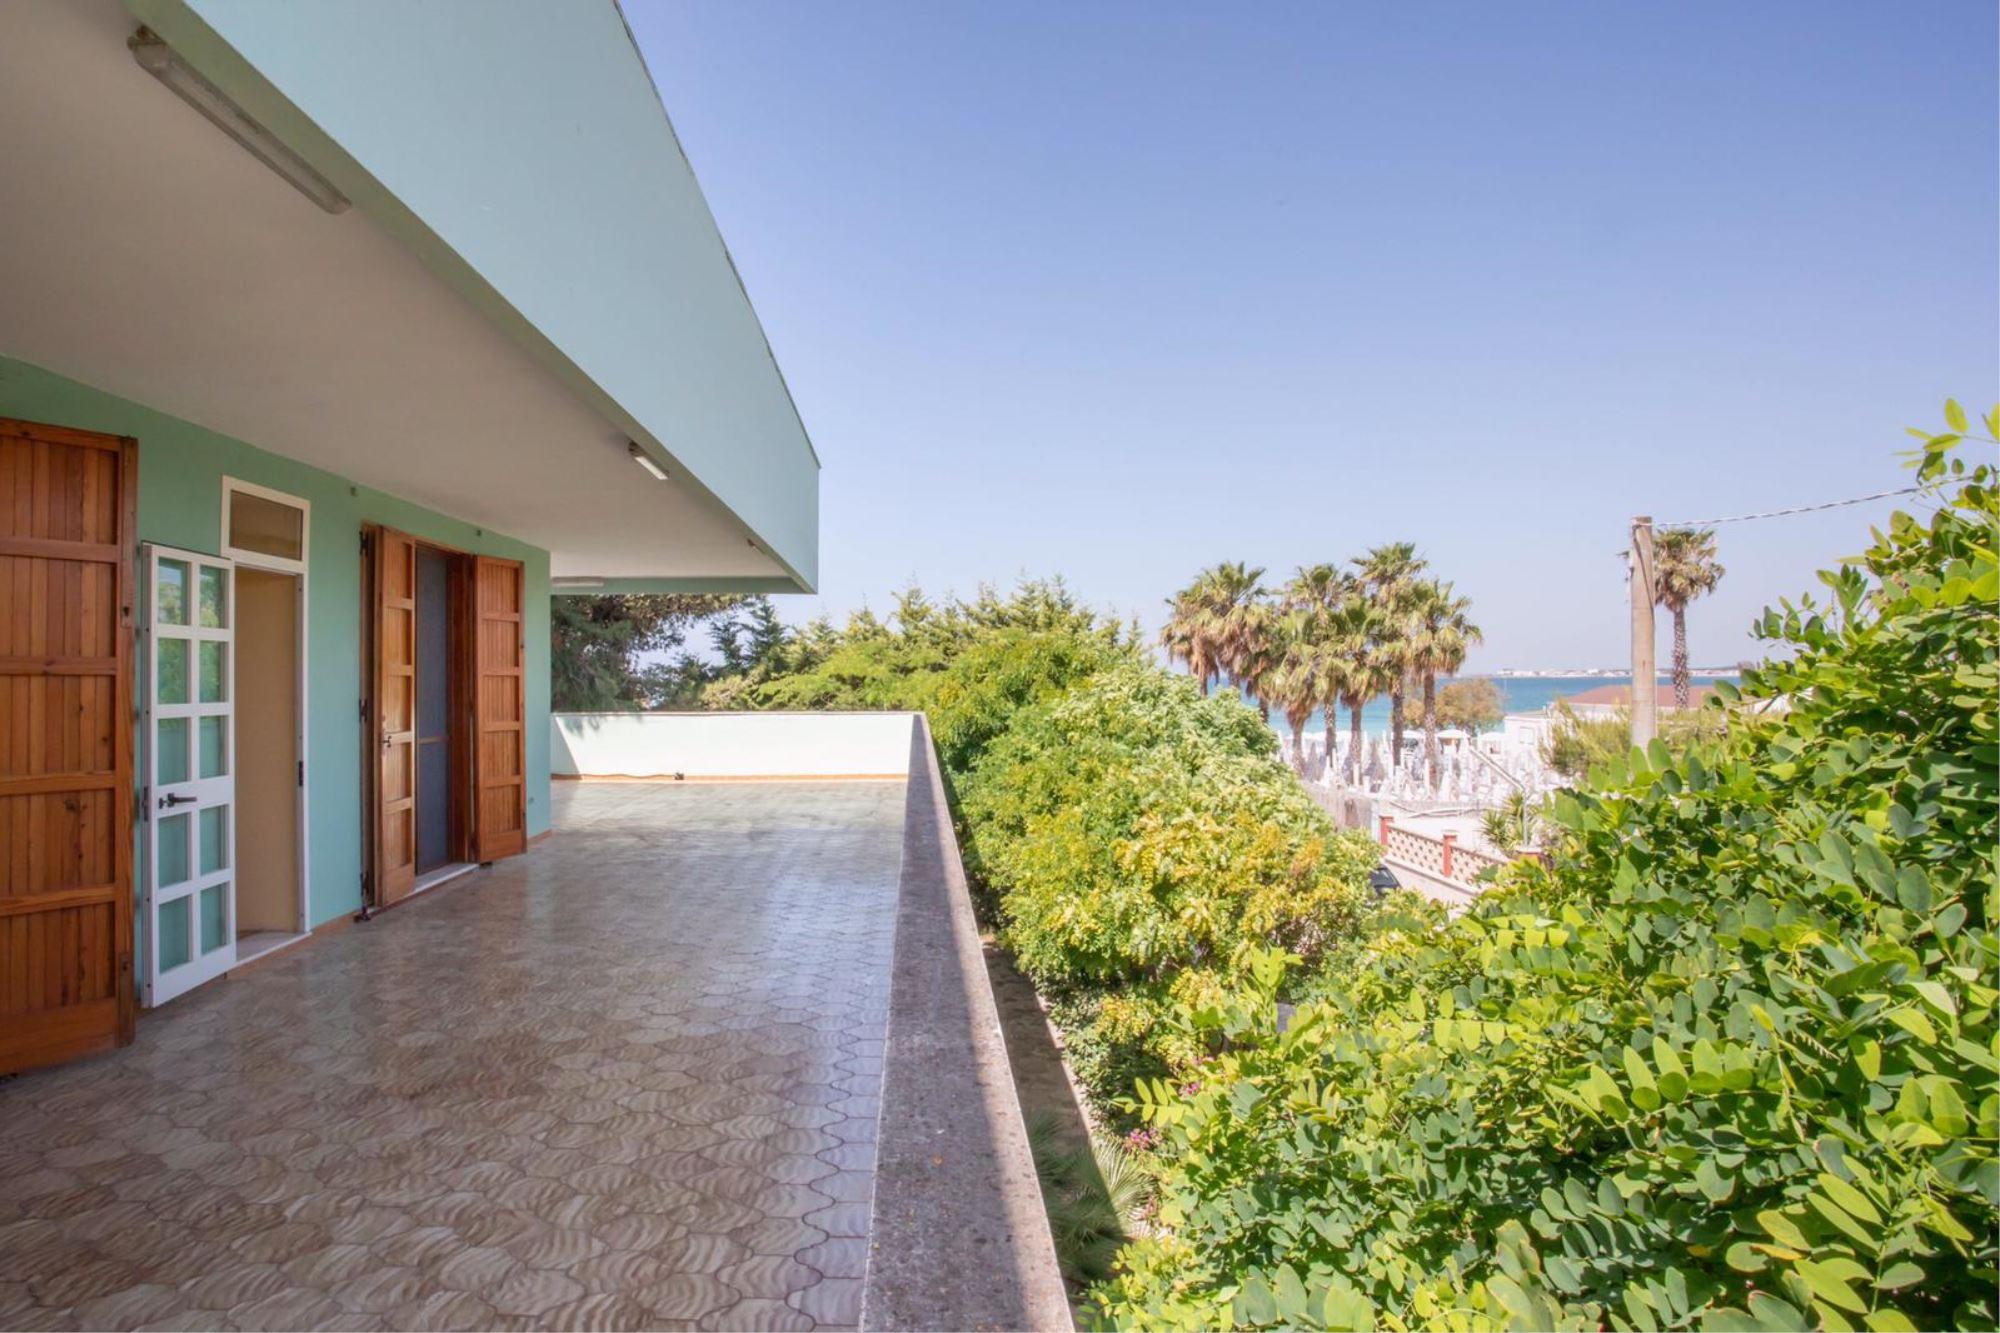 Villa Mediterraneo, sulla spiaggia di Torre Lapillo